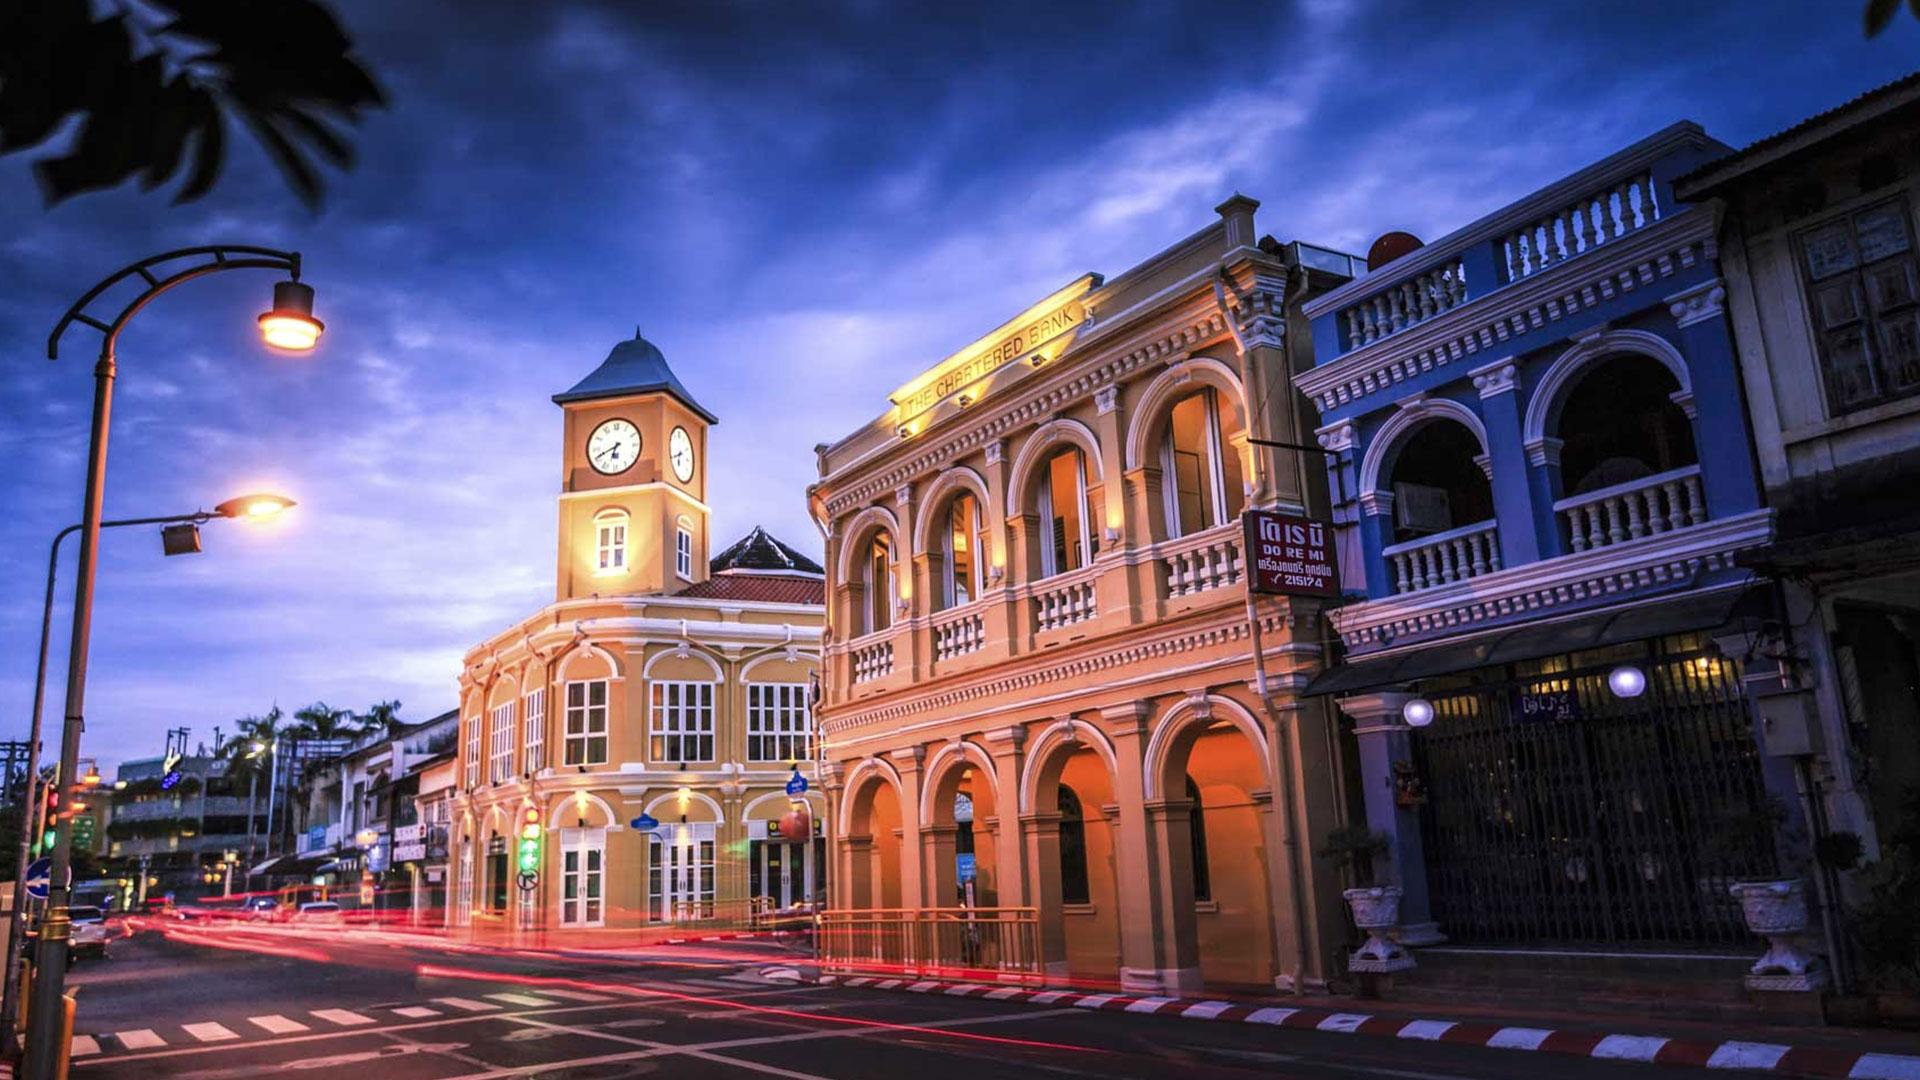 Город Пхукет-Таун в Тайланде